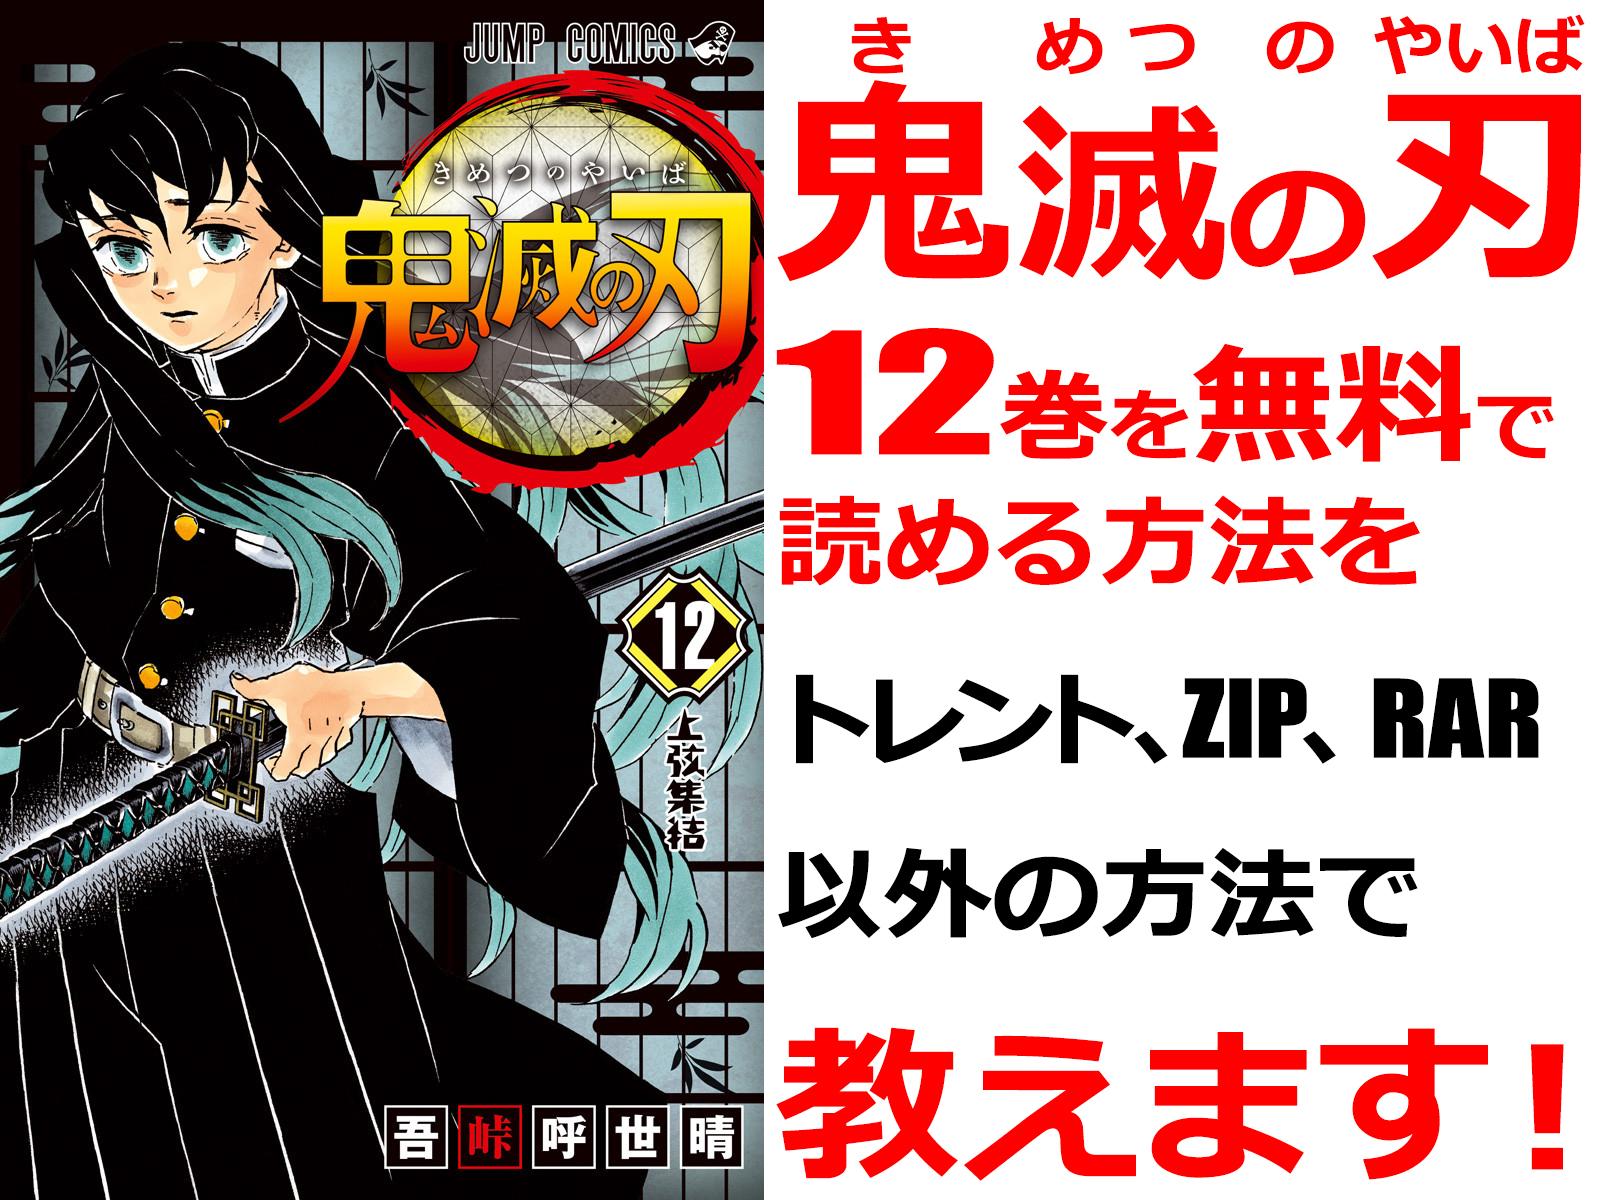 鬼滅の刃(きめつのやいば) 12巻 無料で読む方法!教えます!